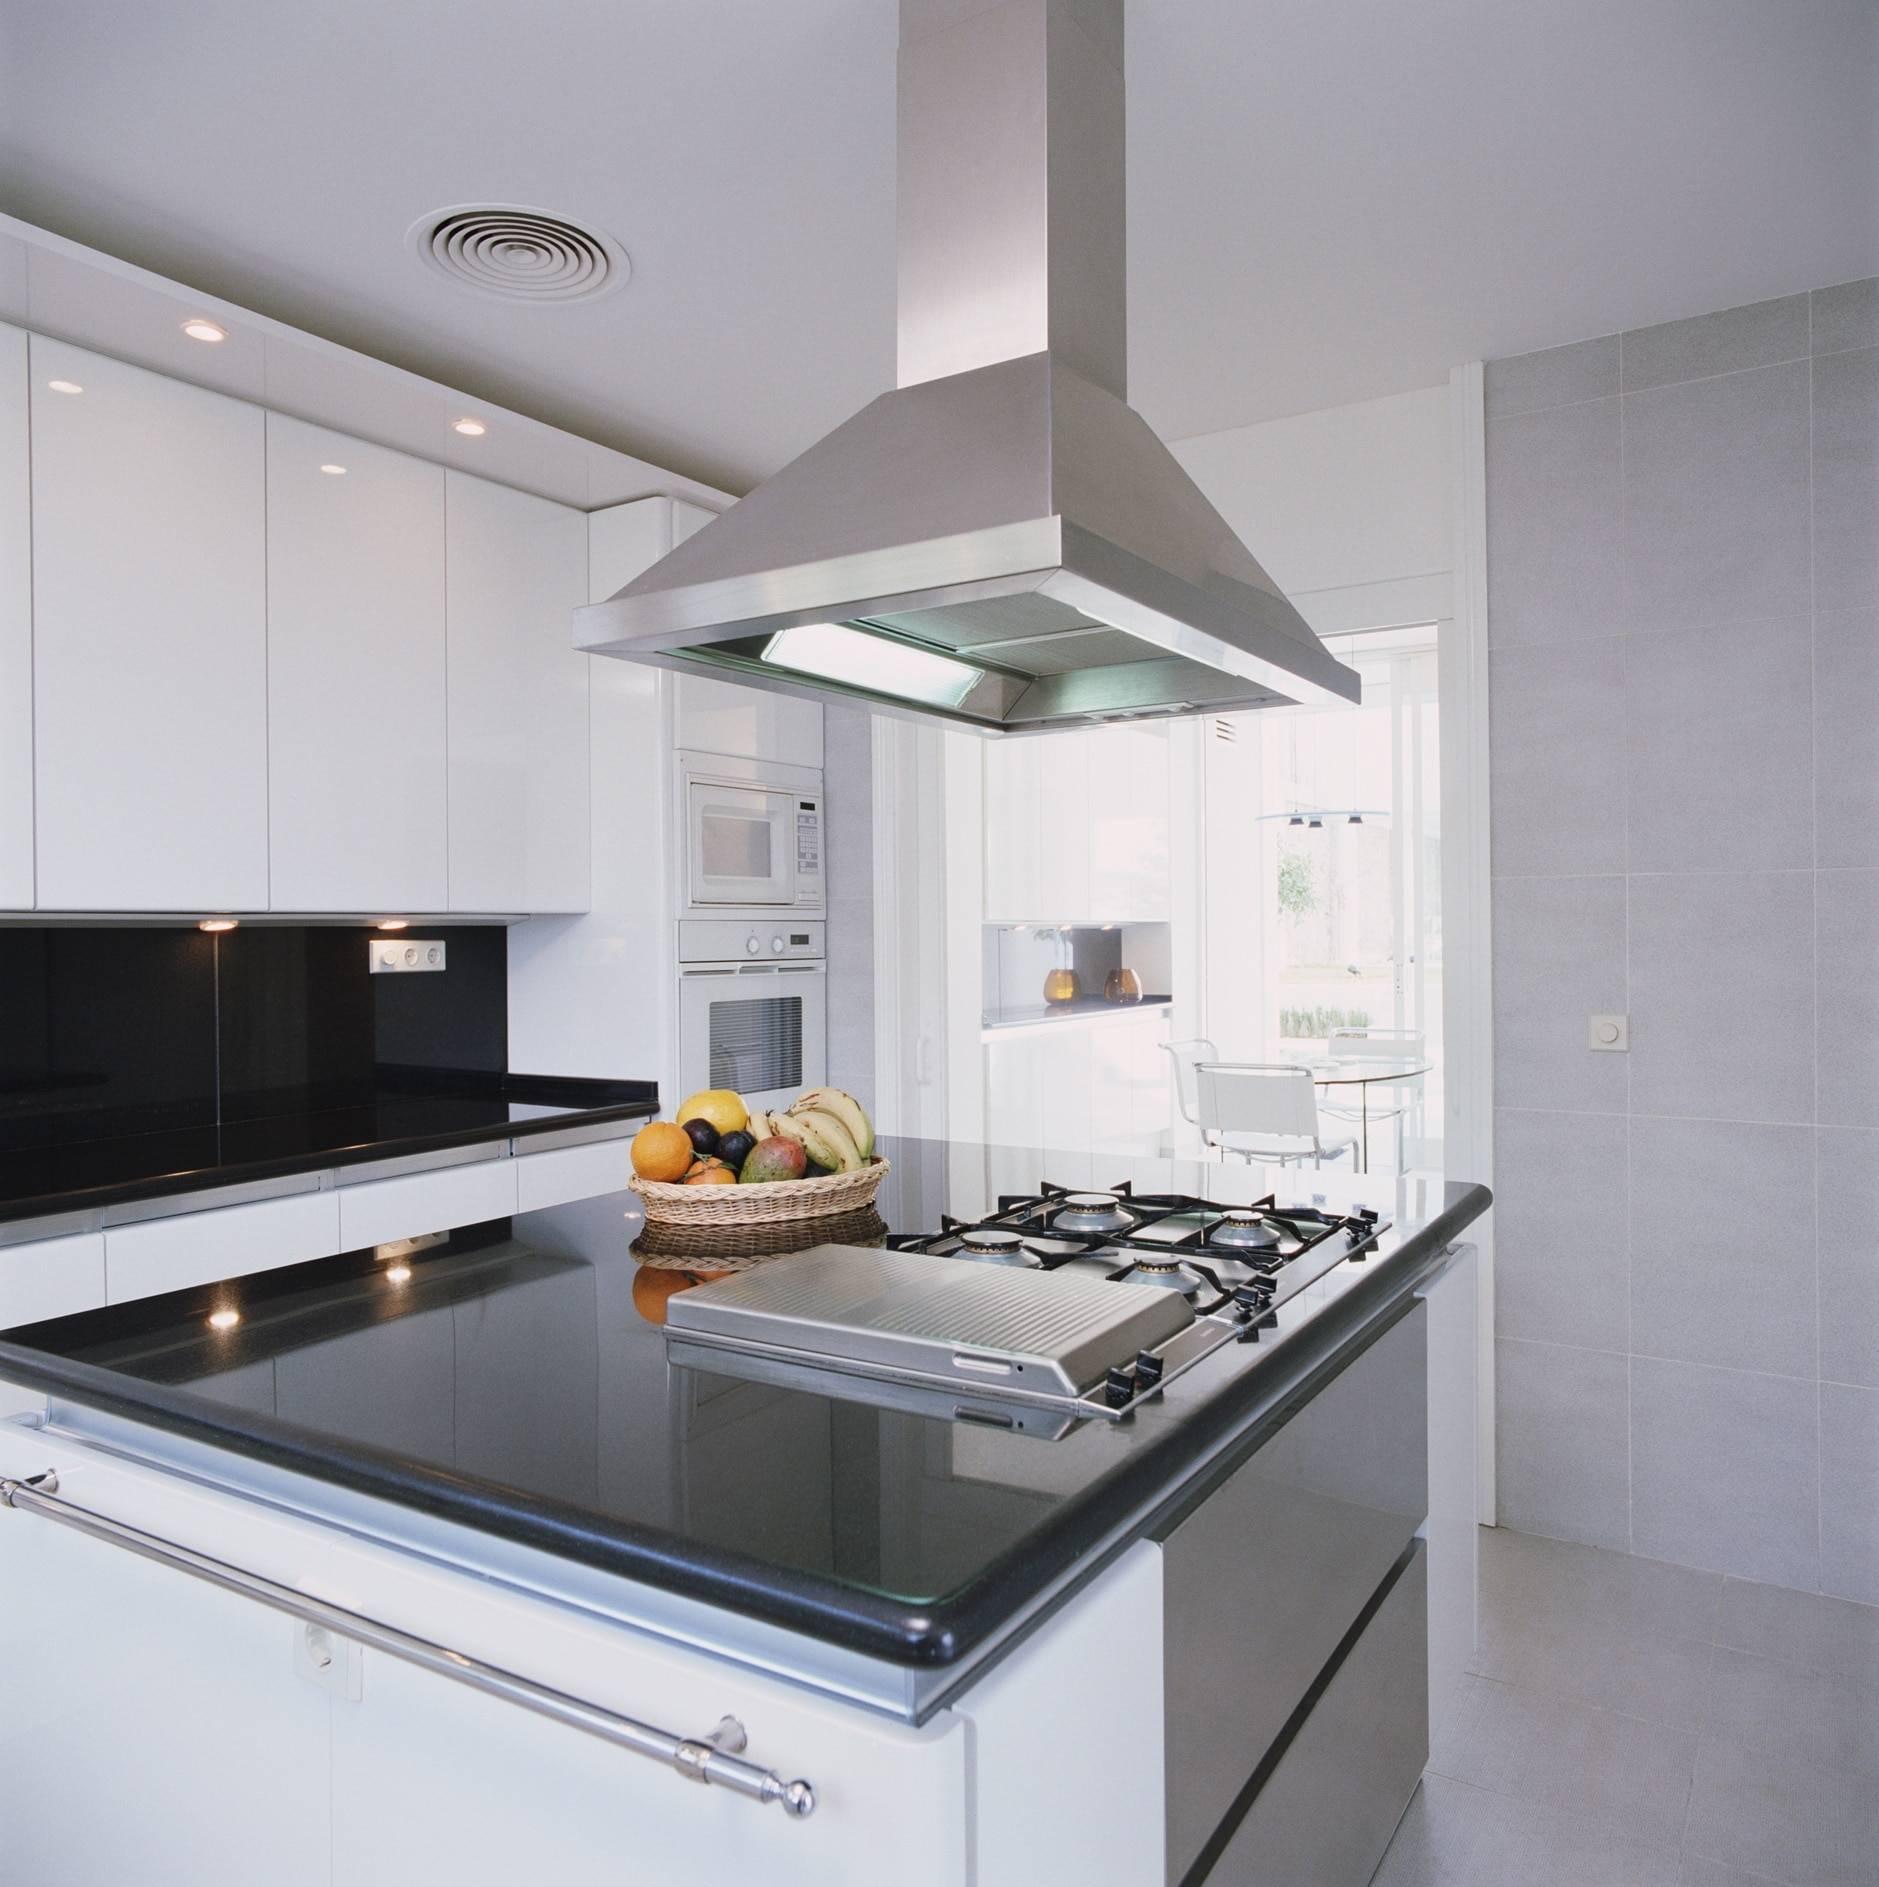 Подключение вытяжки на кухне к вентиляционному каналу — схема